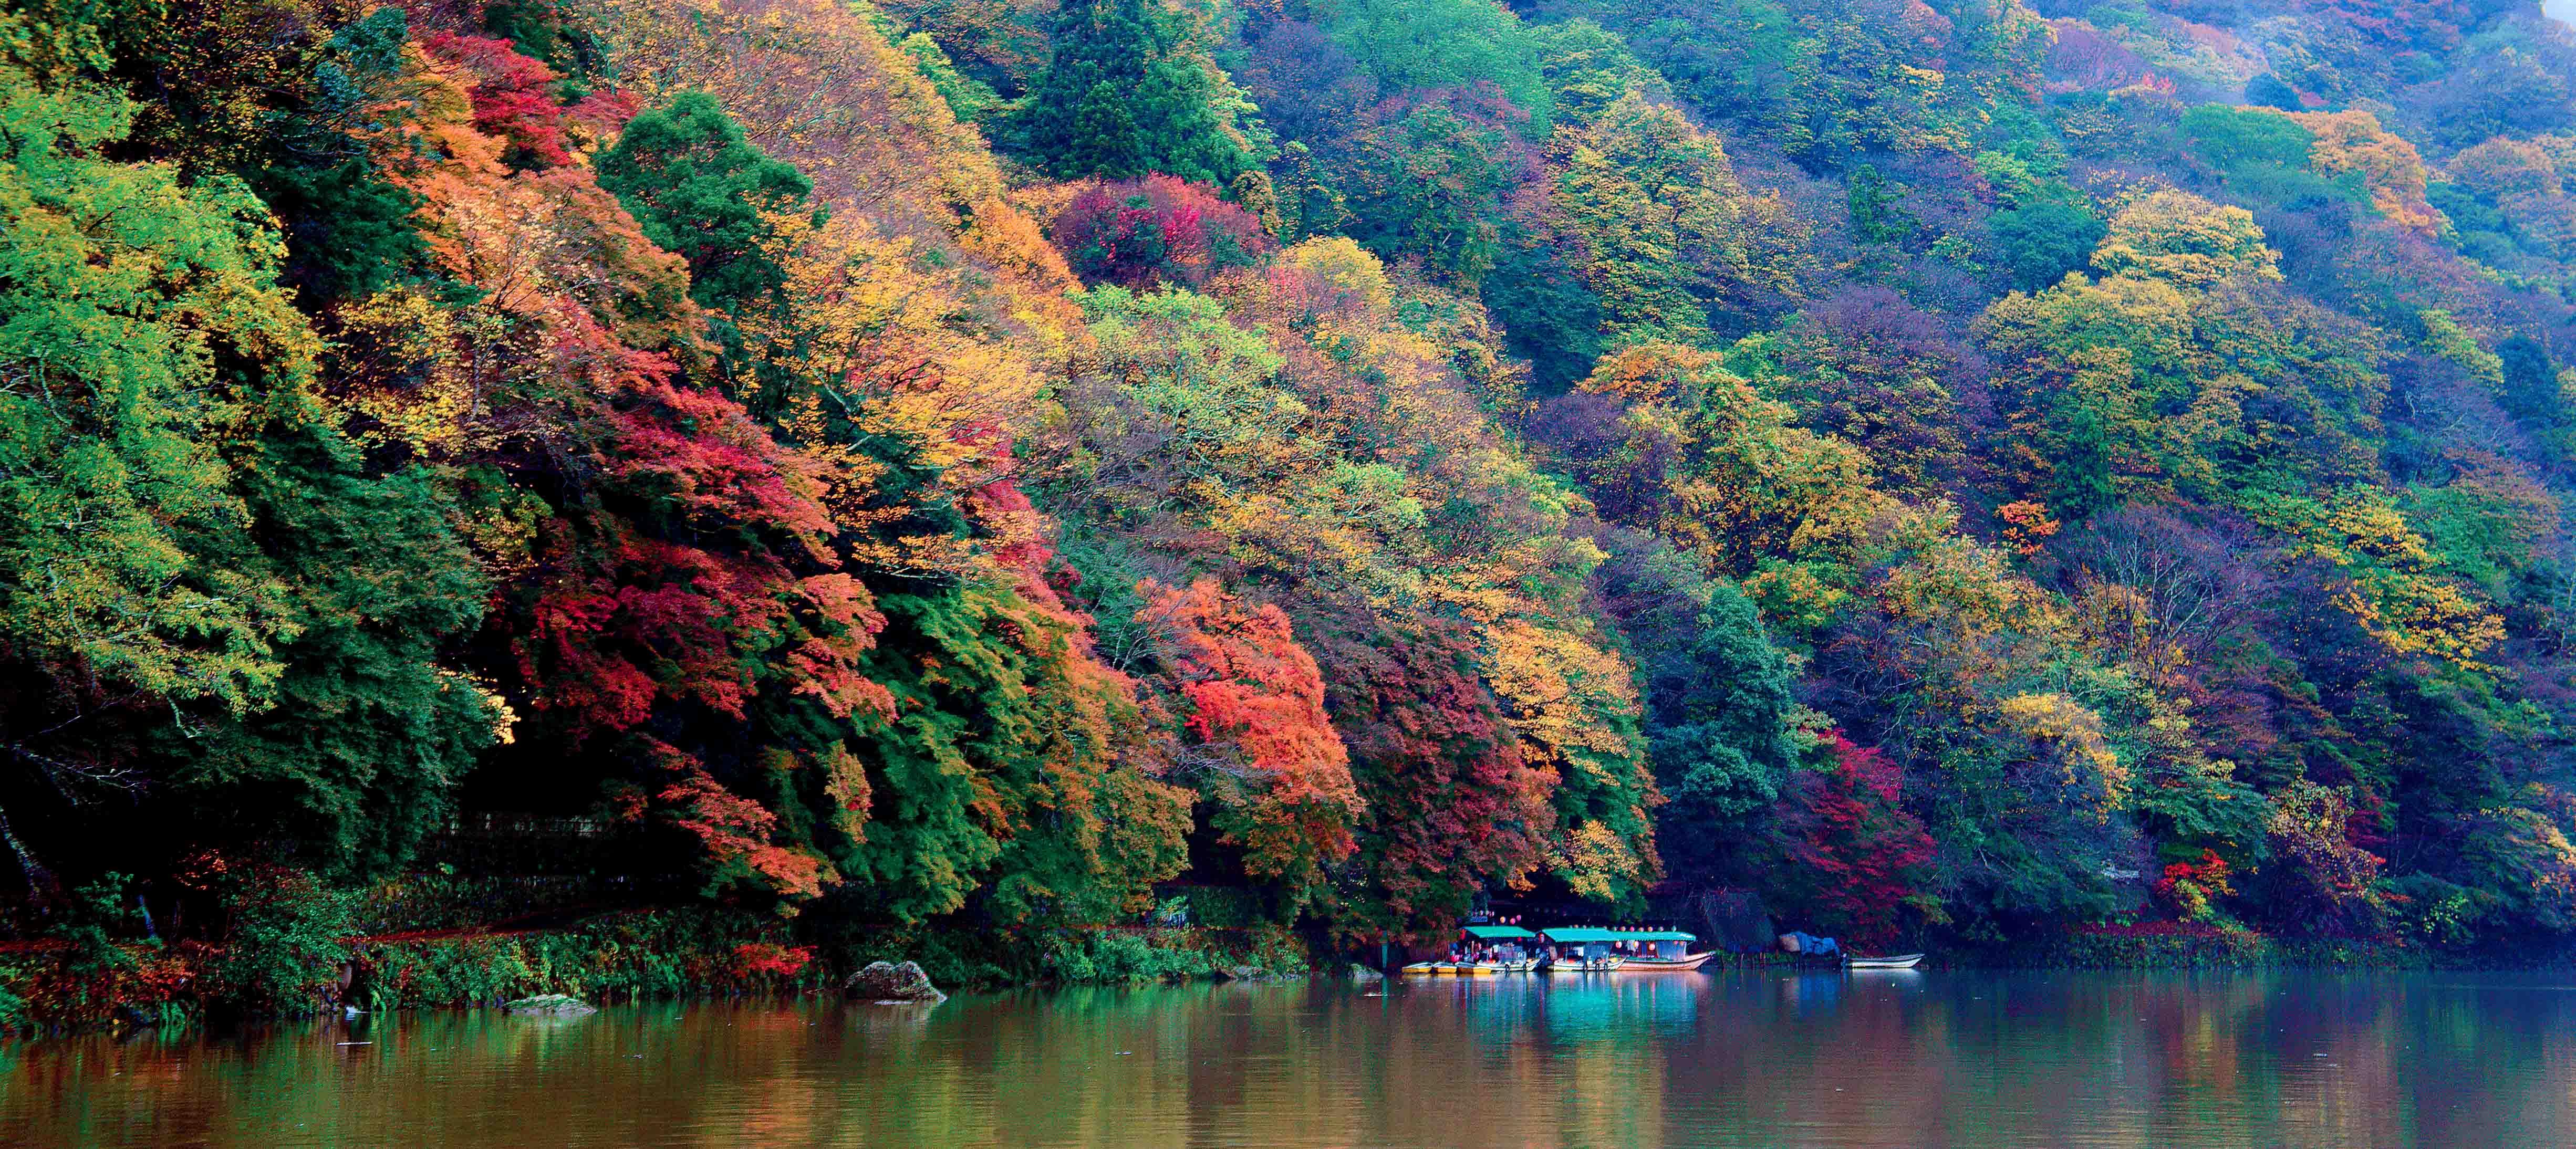 Hoshinoya Arashiyama in Kyoto Prefecture.